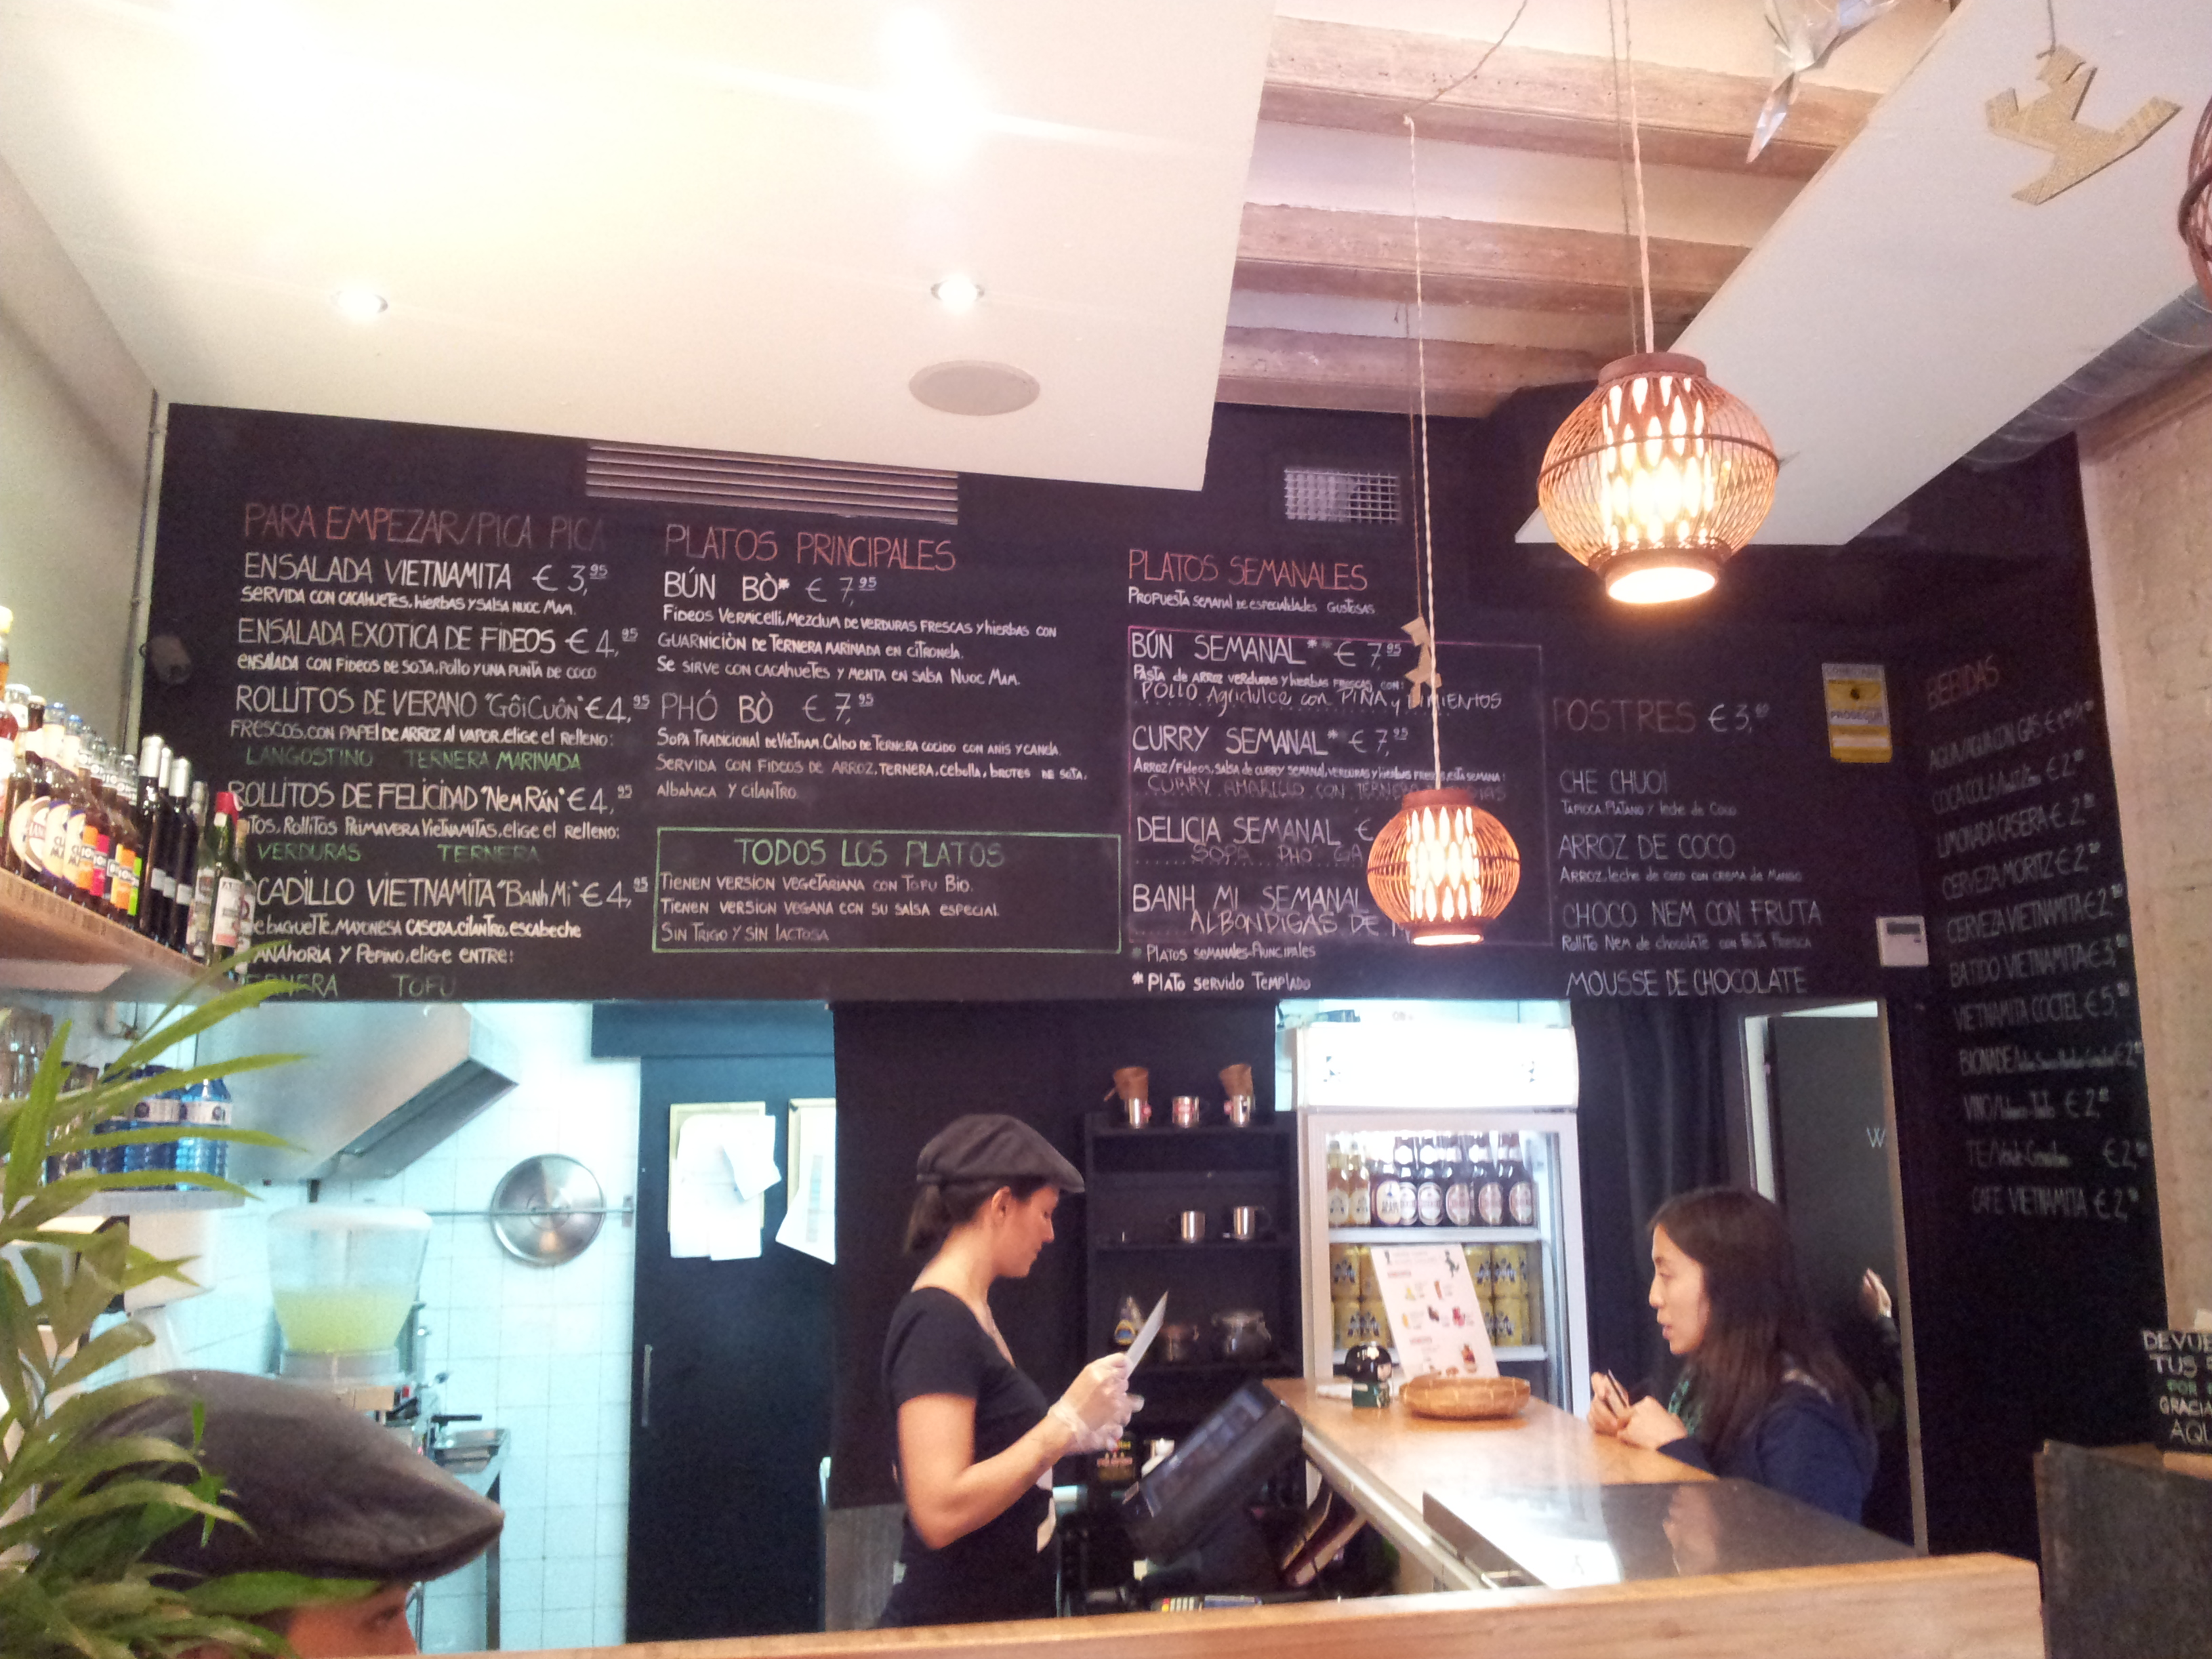 La vietnamita restaurante vietnamita en barcelona bien tre en barcelona - Restaurante vietnamita barcelona ...